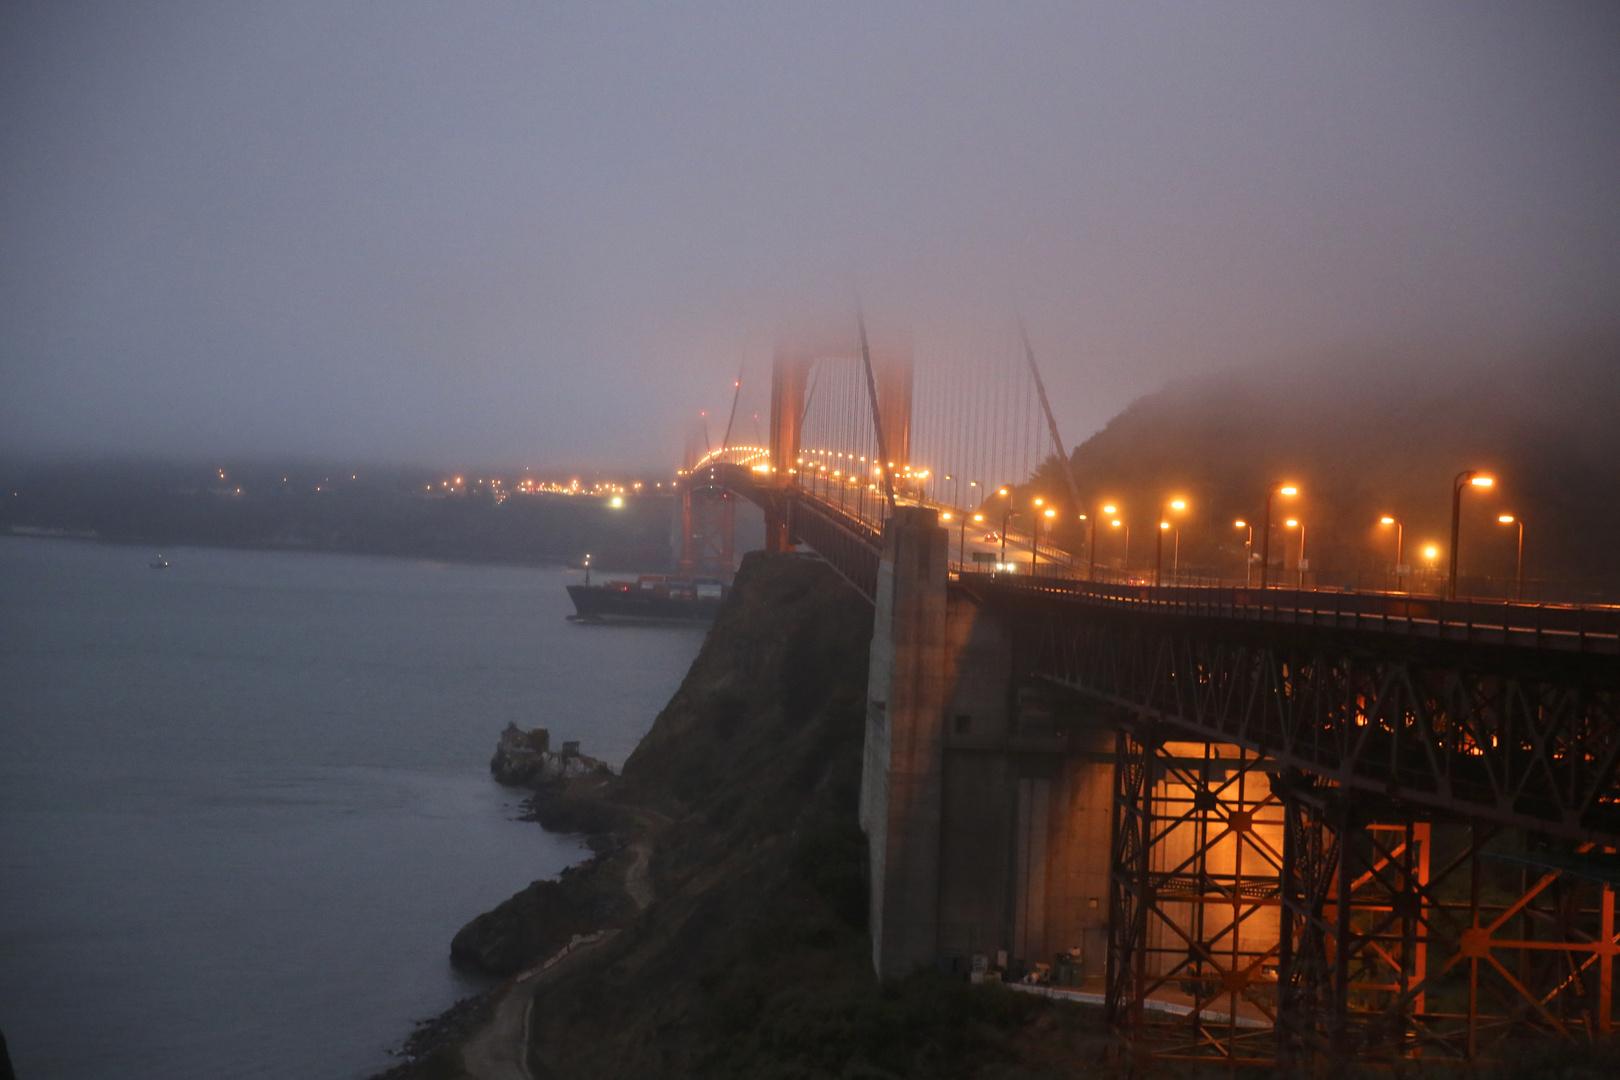 Golden Gate am Morgen